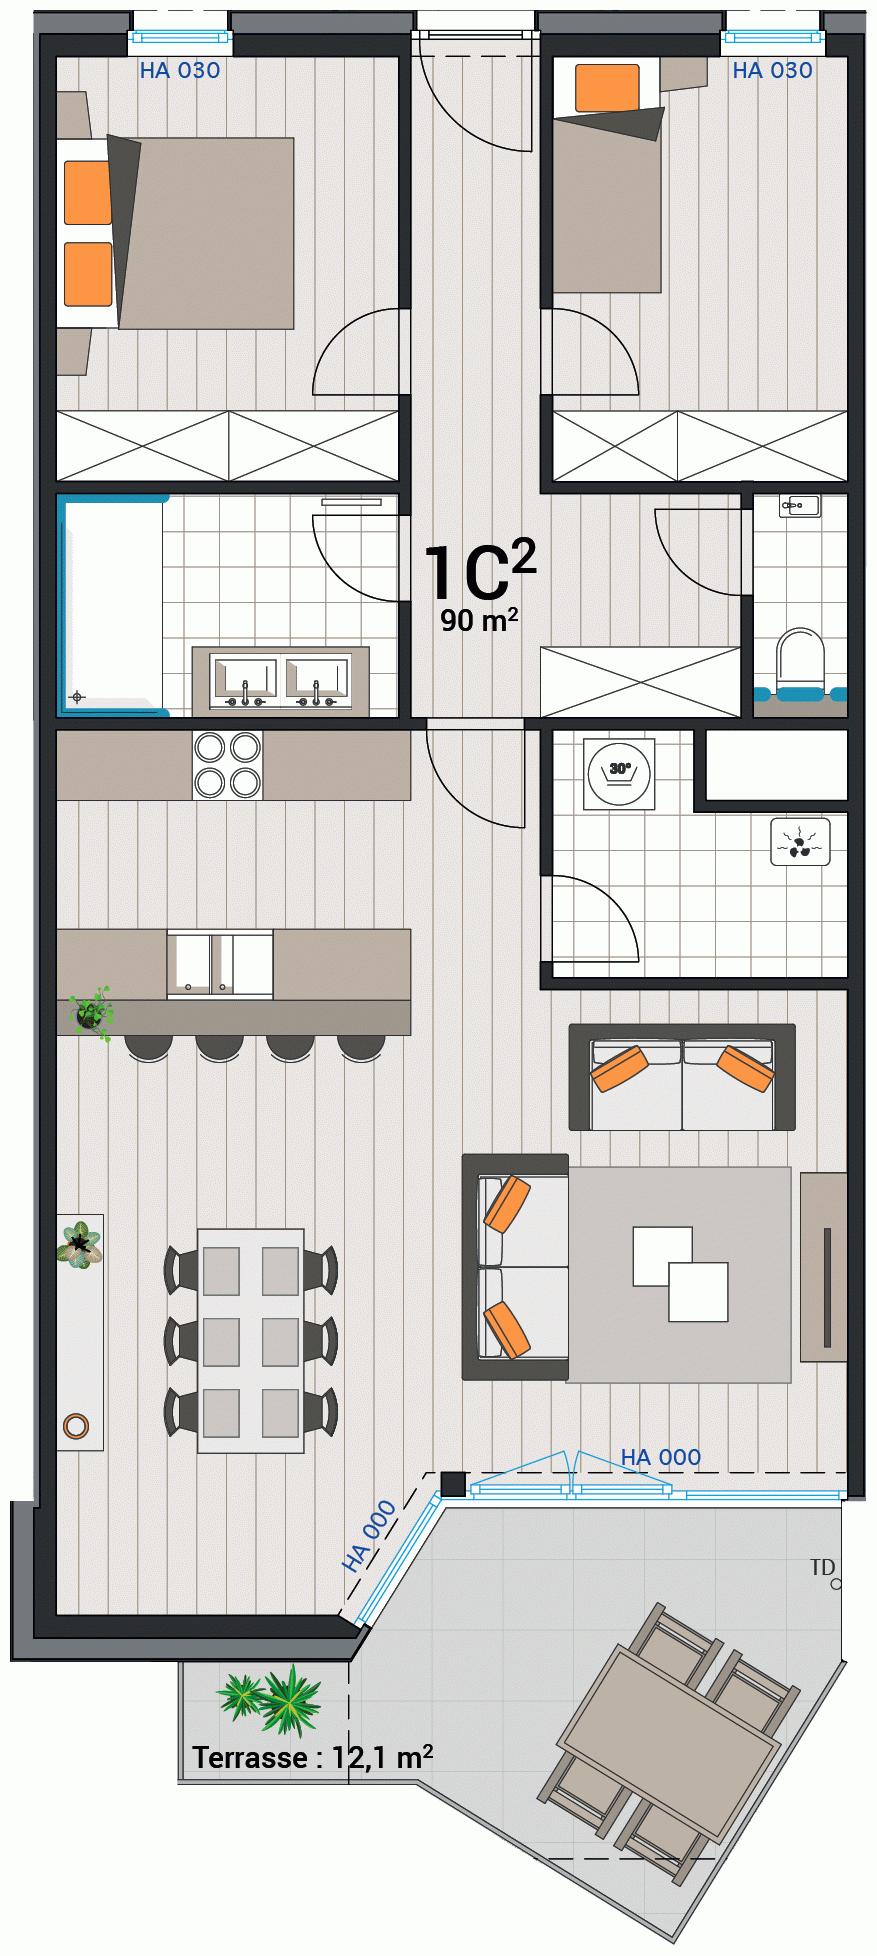 Wohnung 1C